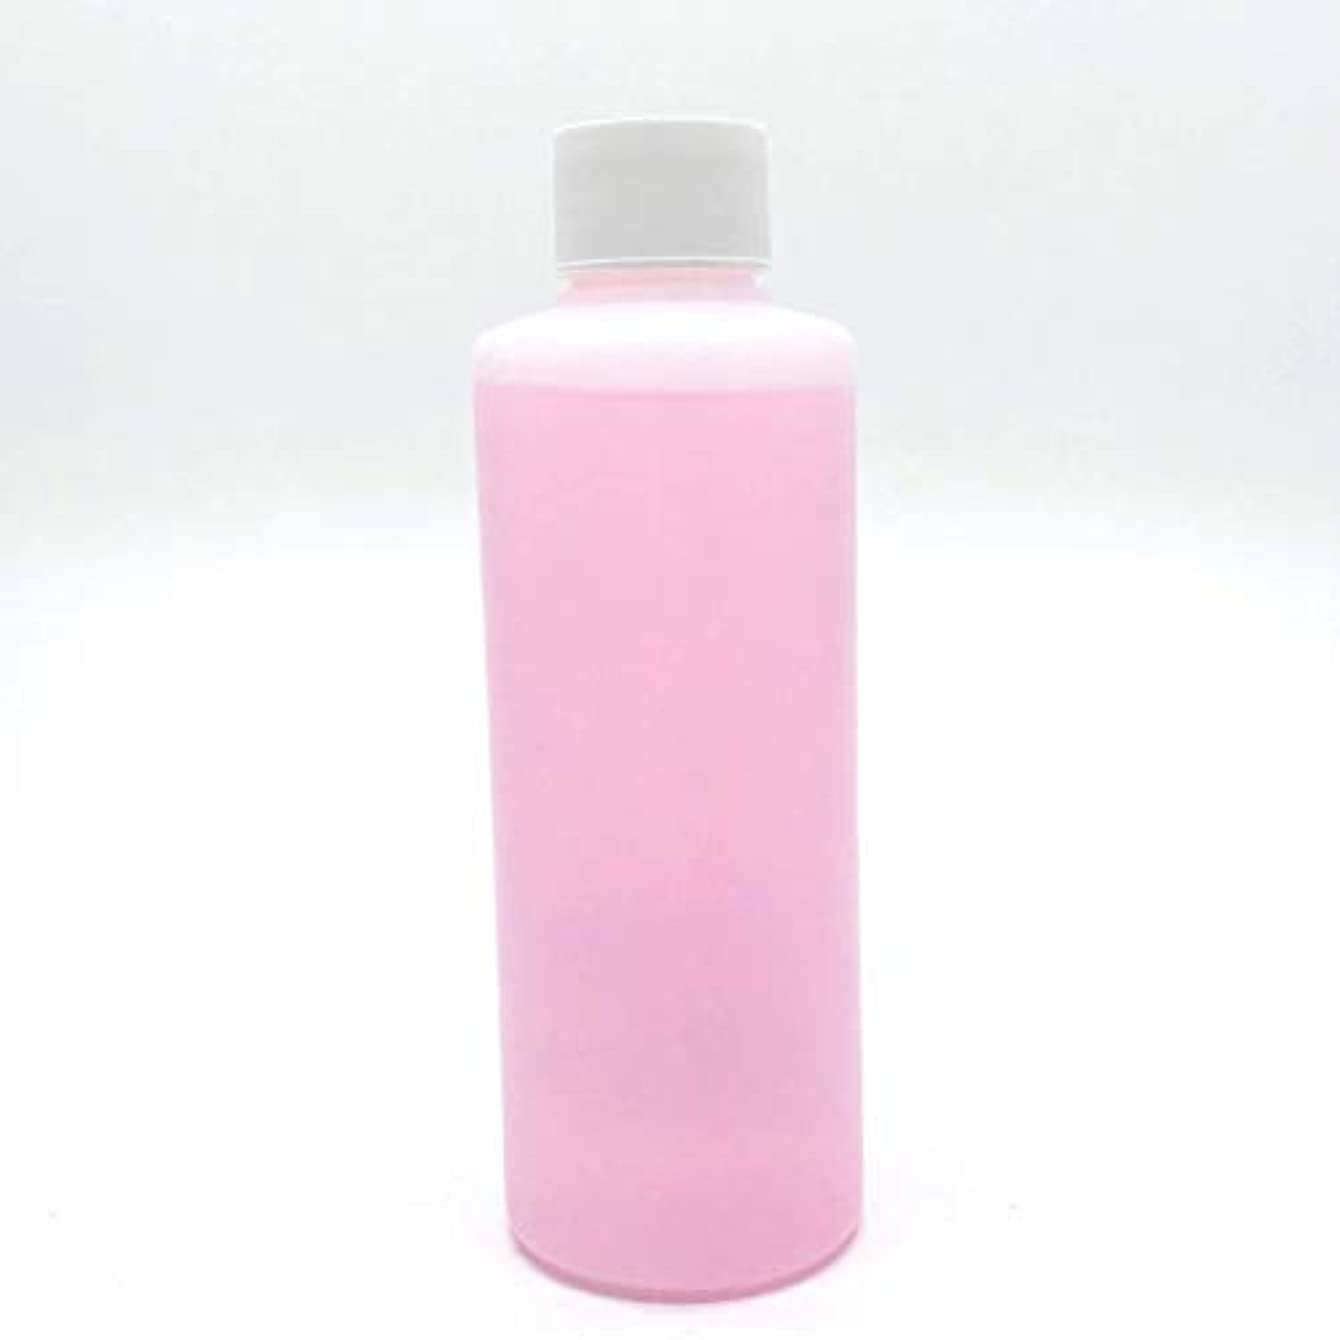 重々しいあいまいフレア日本製 ジェルネイル オフ リムーバー 200ml 化粧品届済み (1個)